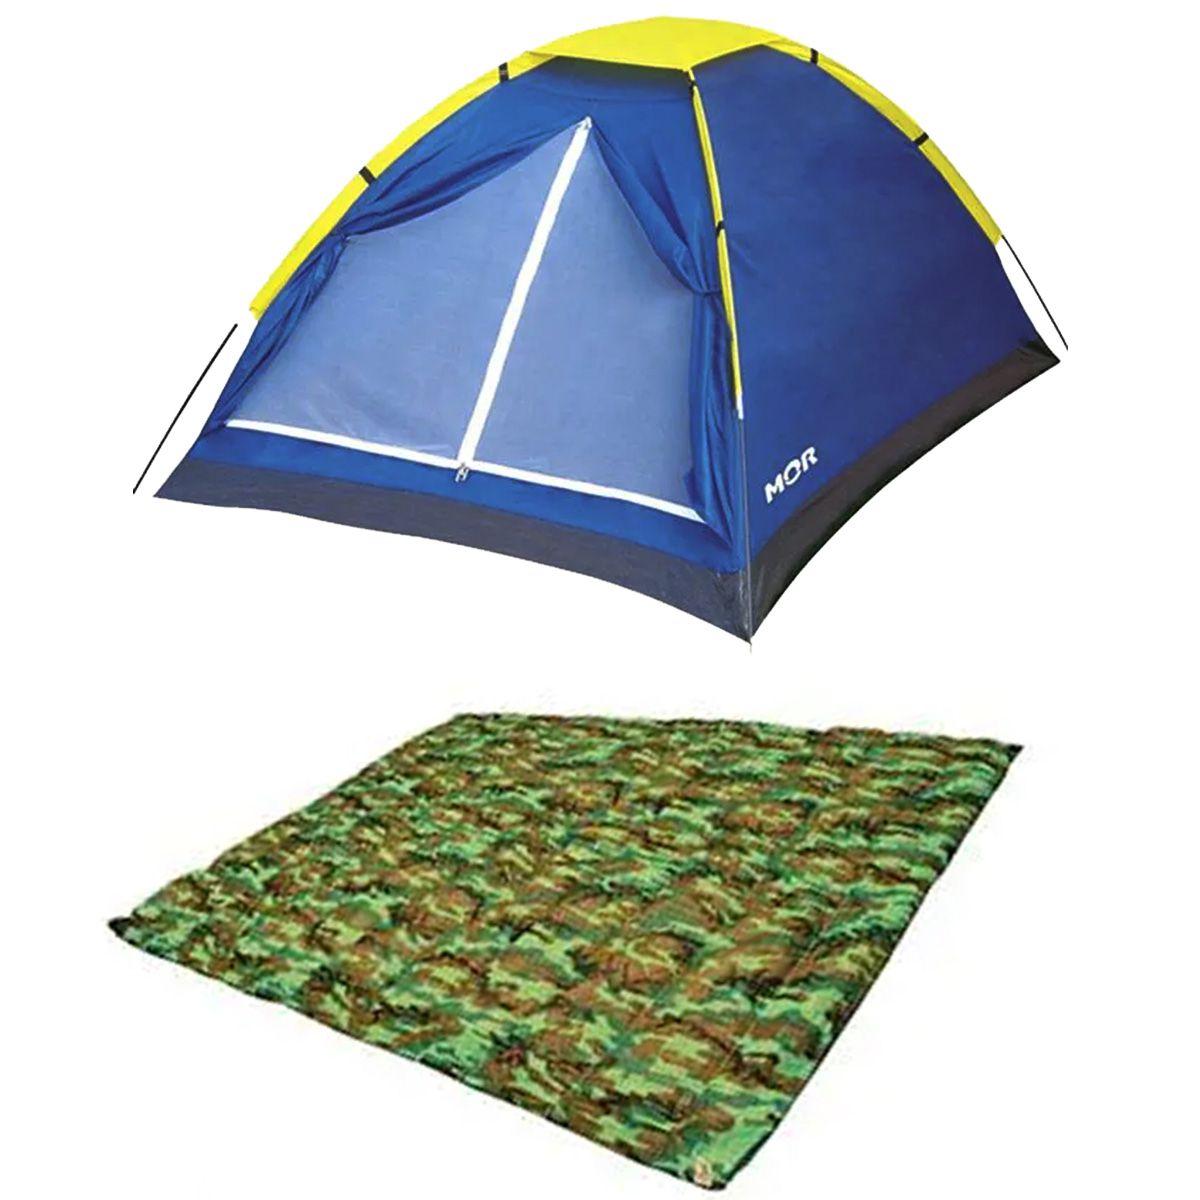 Barraca Camping 2 Pessoas Mor 2,05x1,45 + Colchonete Casal Montlong